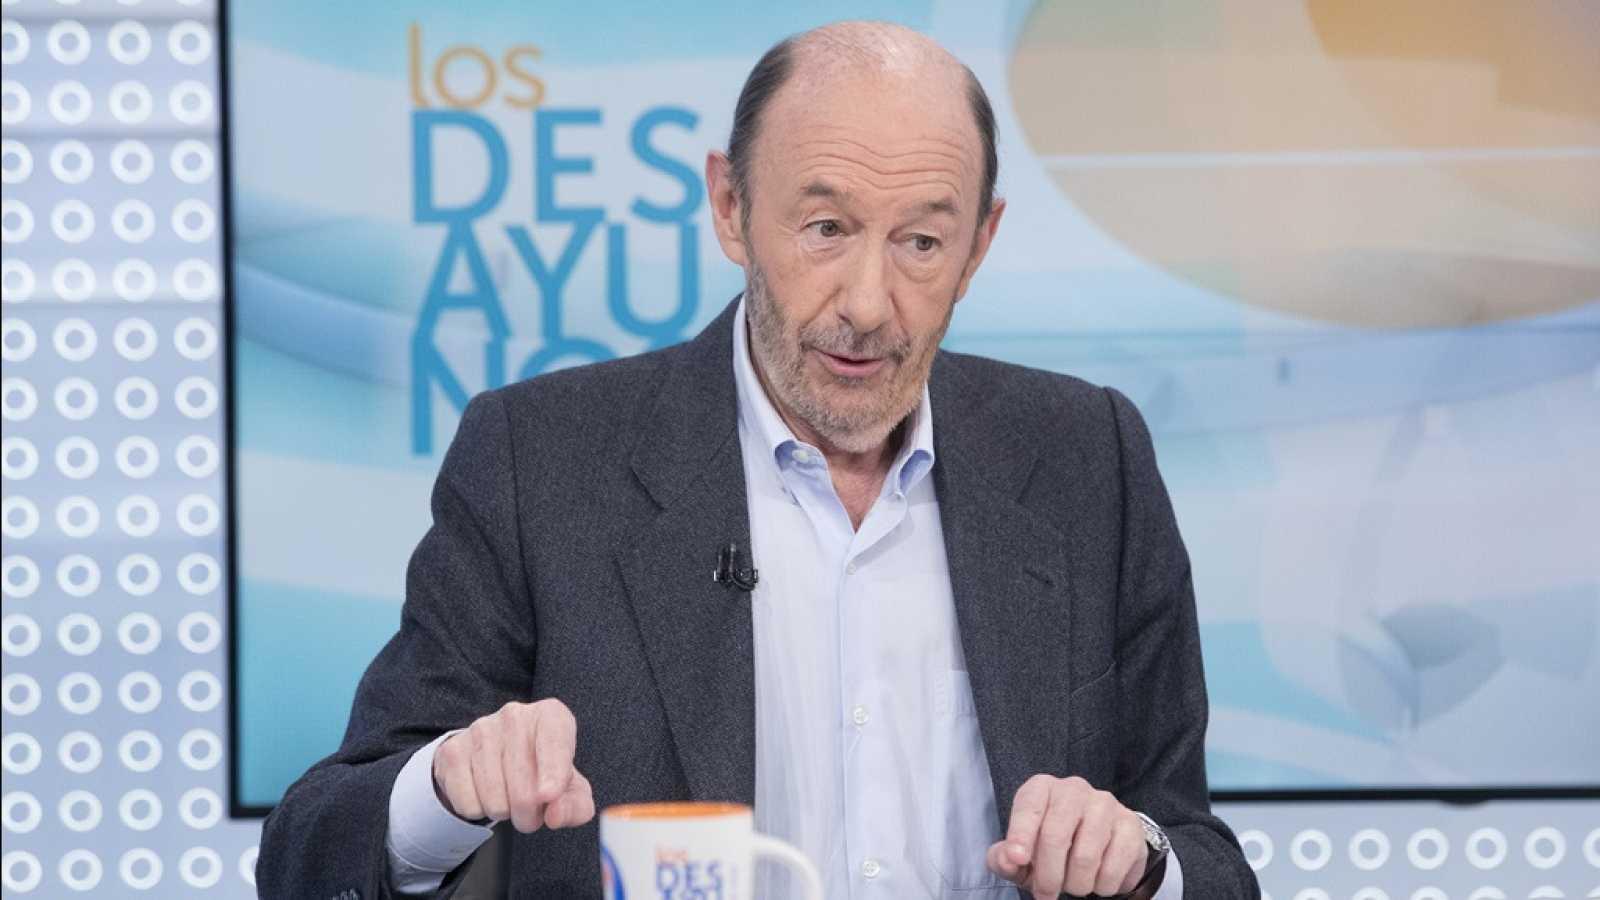 Los desayunos de TVE - Alfredo Pérez Rubalcaba, exsecretario general del PSOE, y Rosa Menéndez, presidenta del CSIC - ver ahora